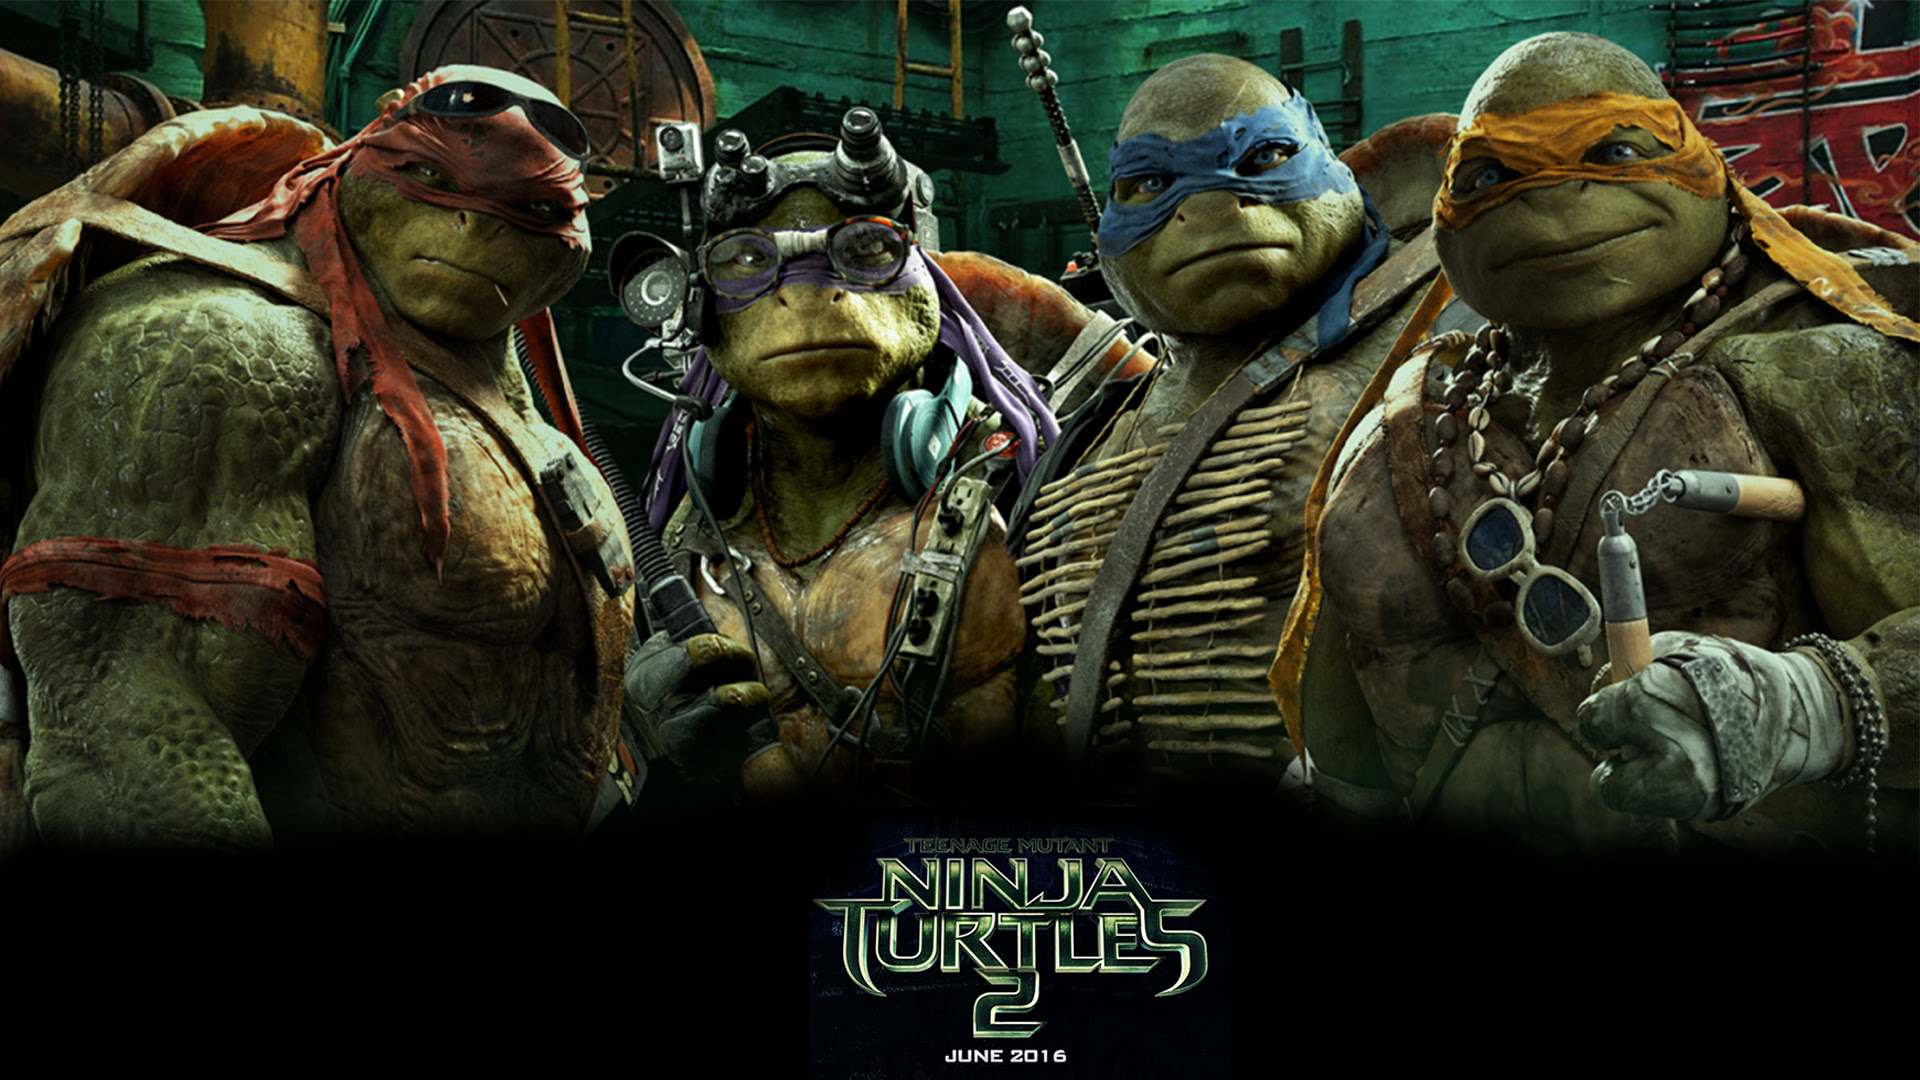 Teenage Mutant Ninja Turtles Out Of The Shadows Desktop Wallpaper